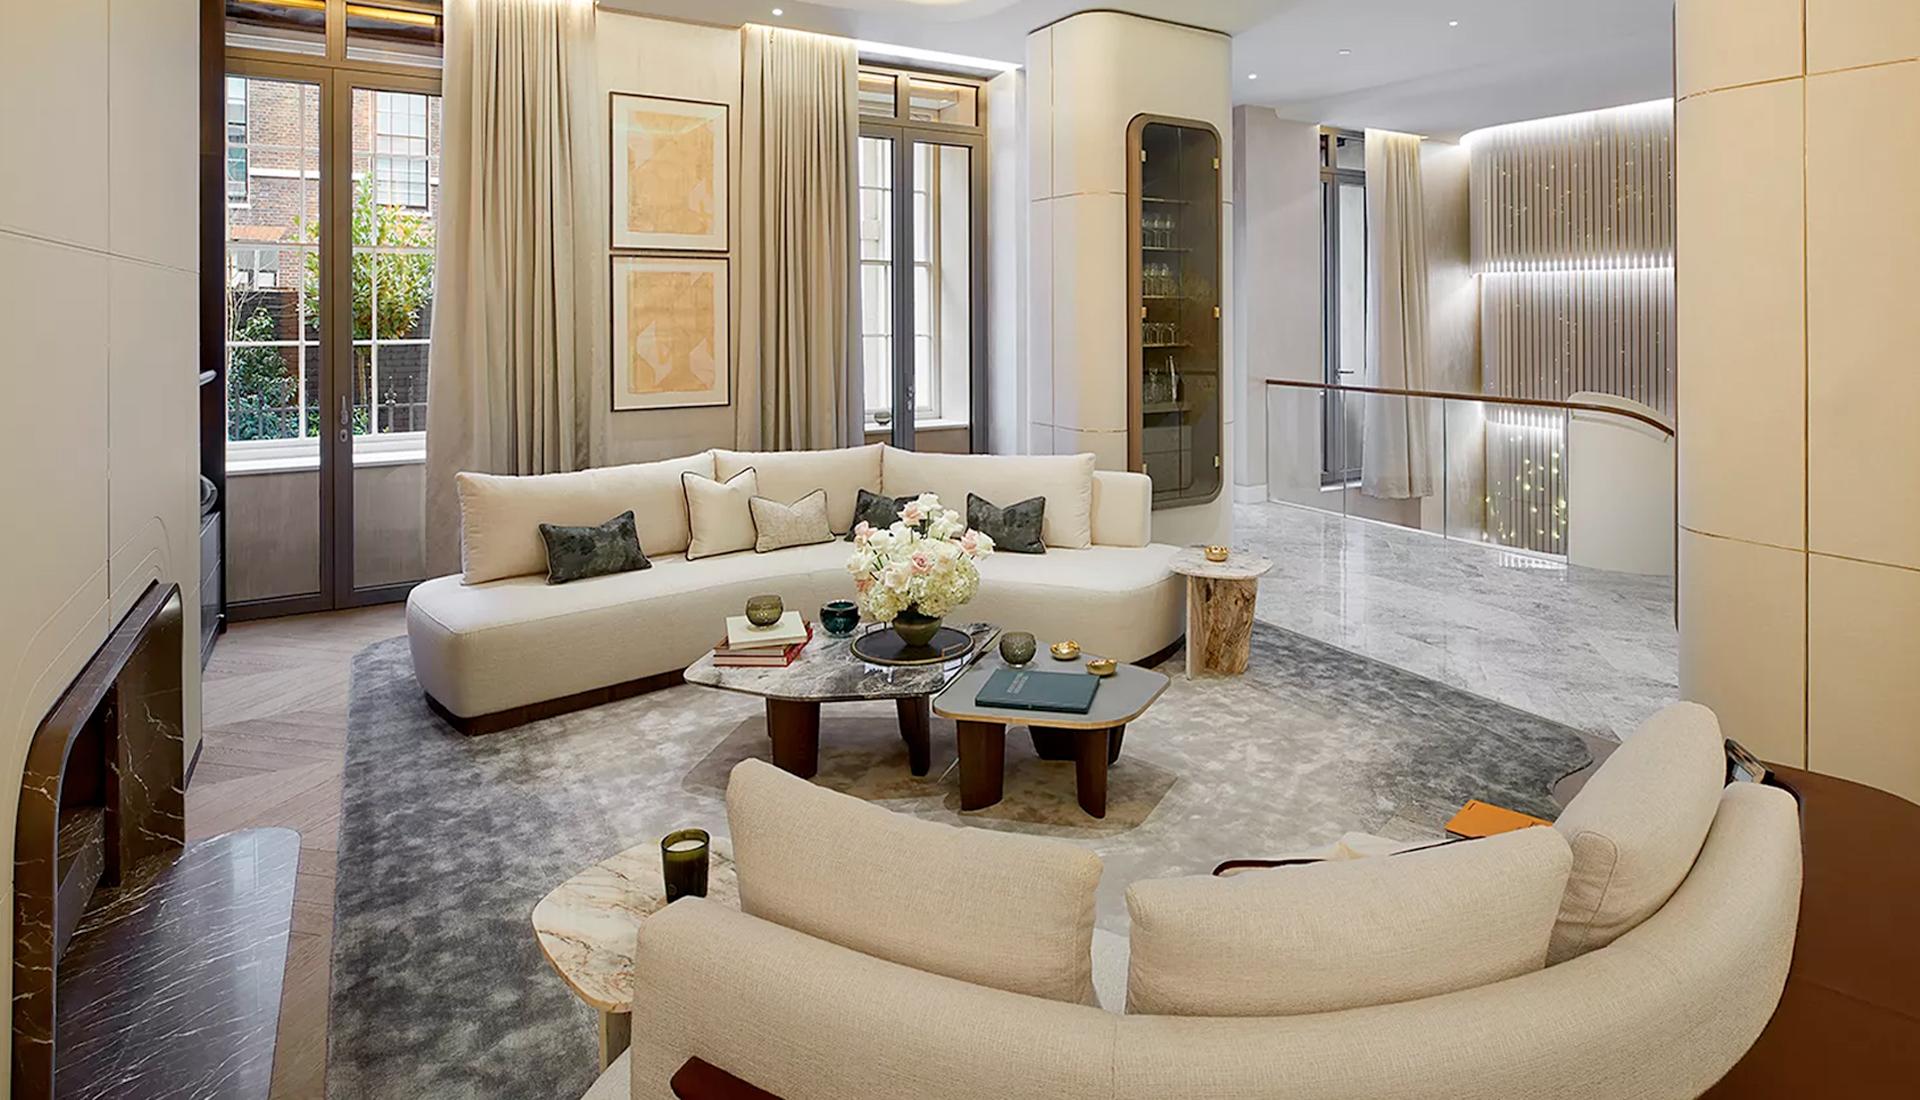 Jouin Manku: интерьеры для жилого комплекса в Лондоне